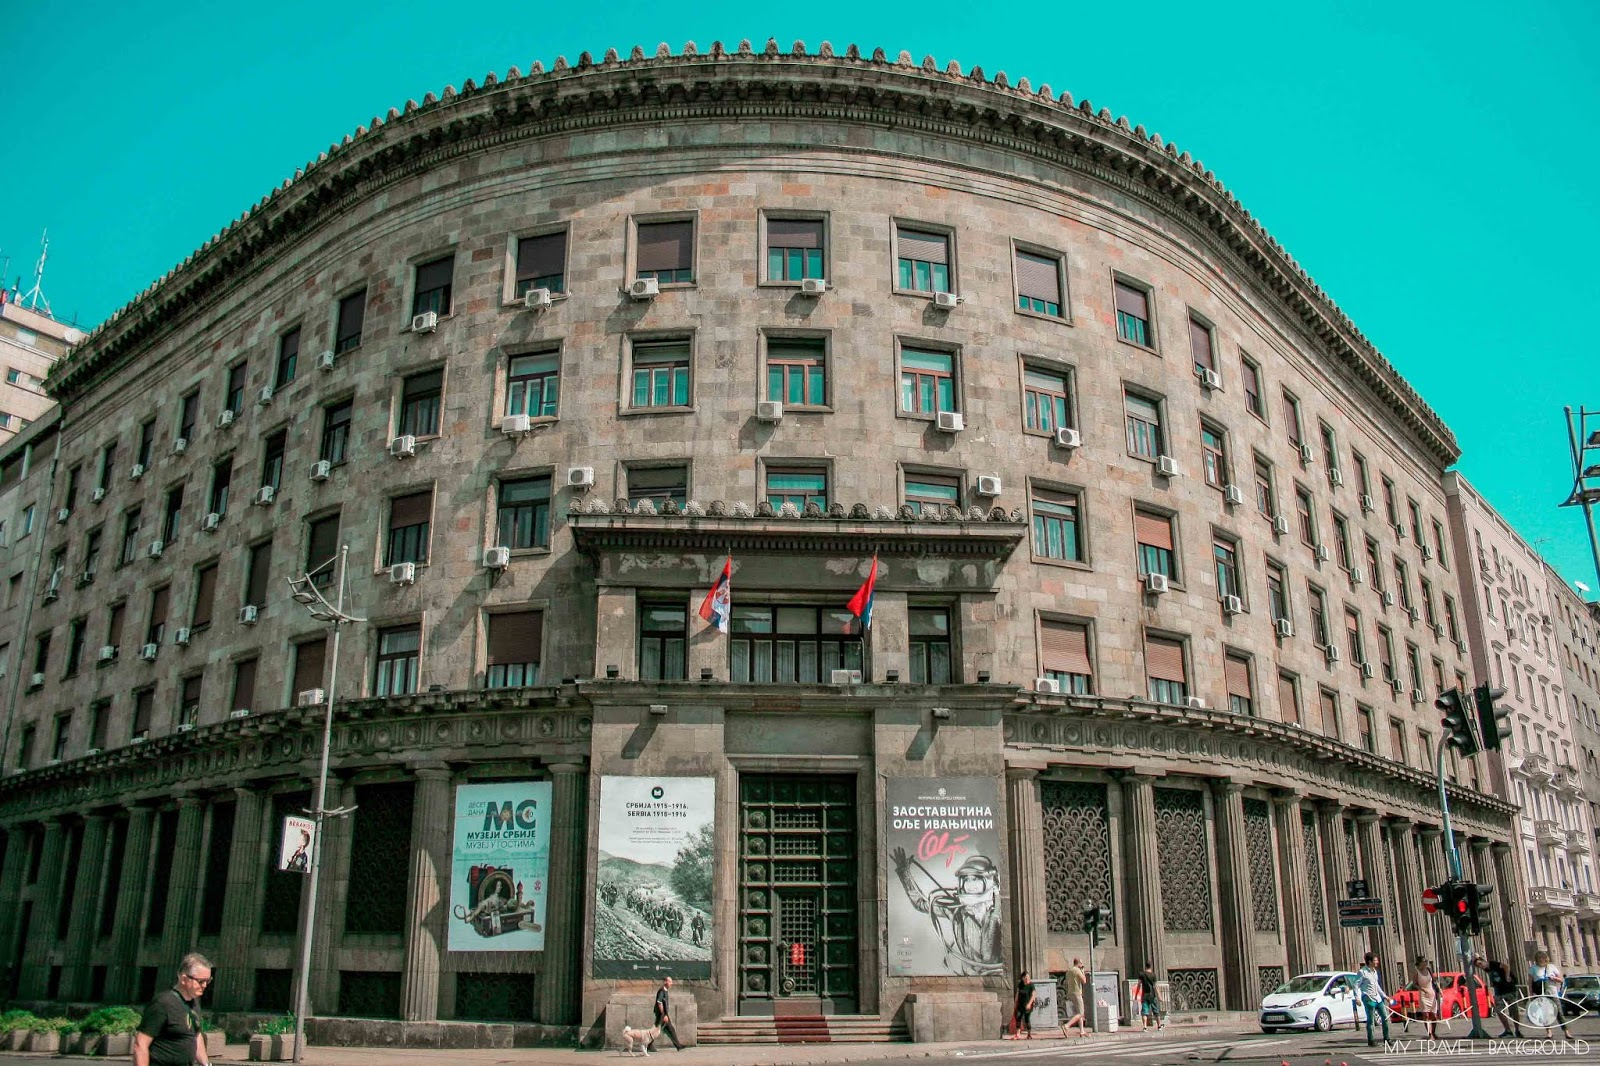 My Travel Background : 1 jour pour visiter Belgrade, la capitale de la Serbie - Le Musée d'Histoire de Serbie